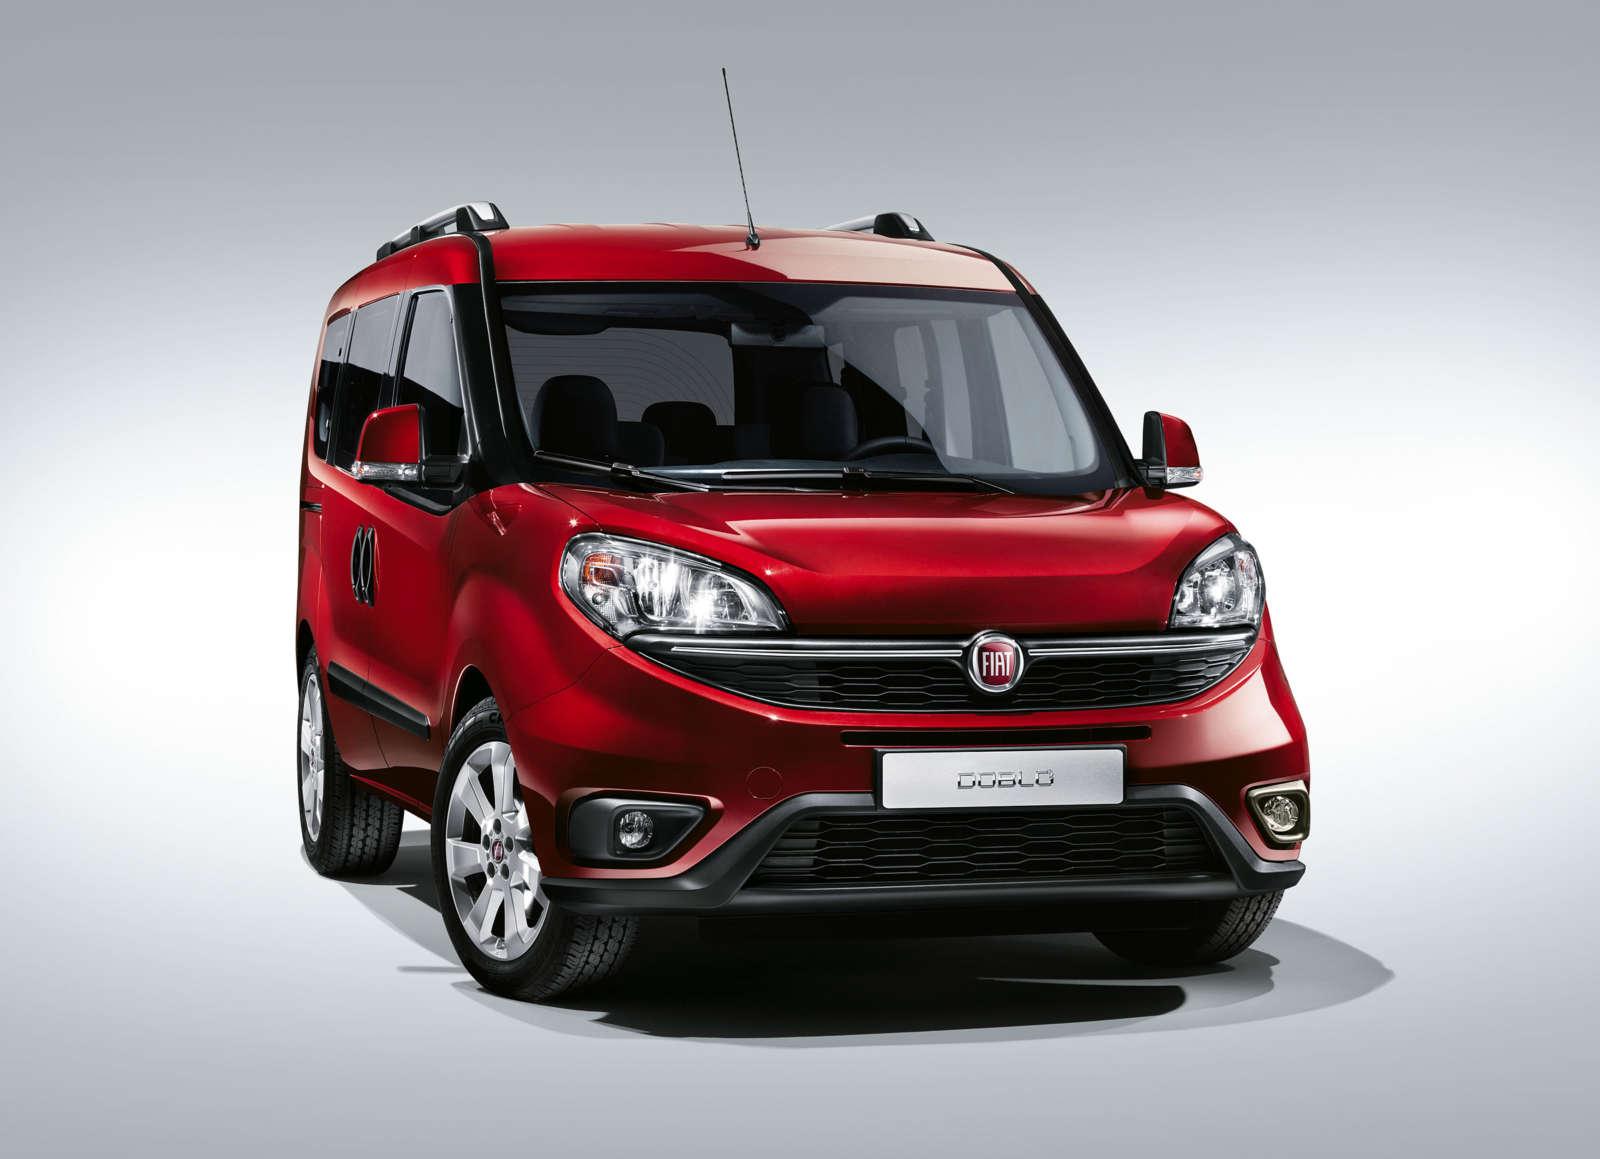 2015 Fiat Doblo unveiled in the UK; possible Ertiga ...